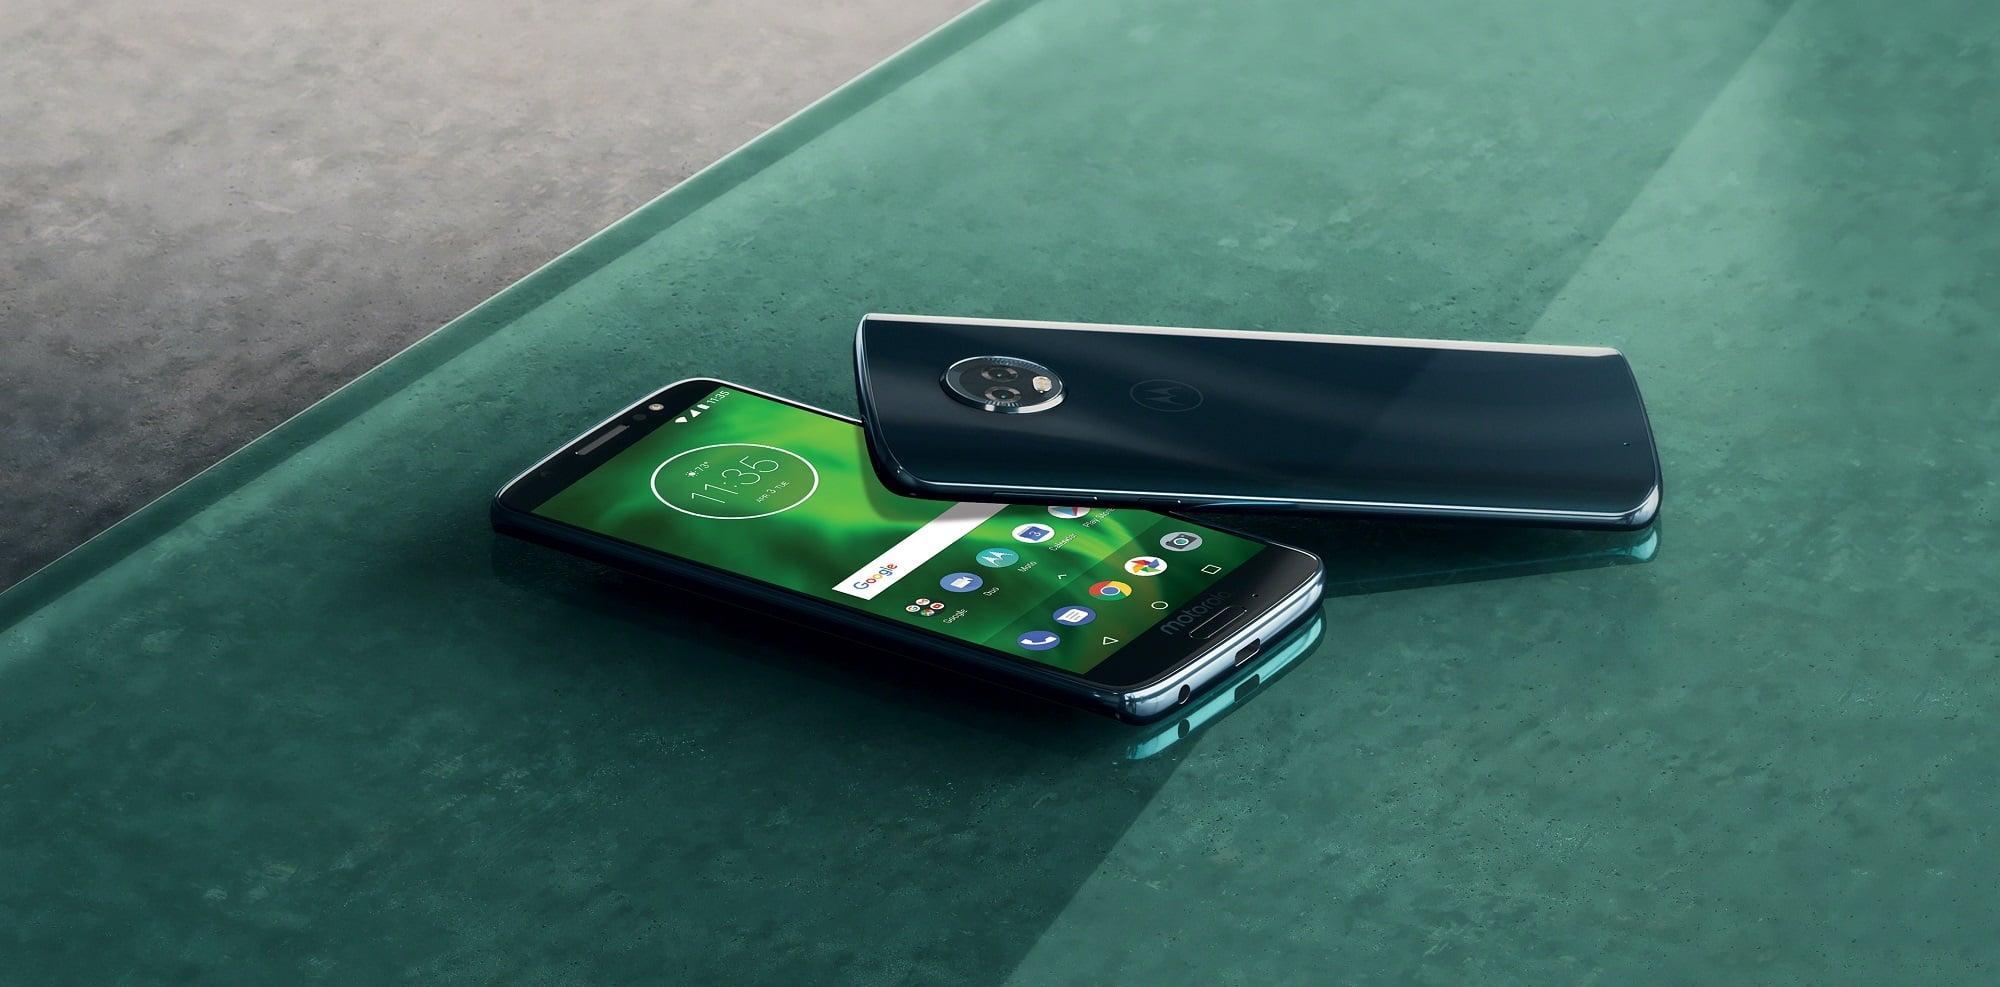 Znamy oficjalne ceny Moto G6, Moto G6 Plus i Moto G6 Play w Polsce. Wiemy też, kiedy trafią do sprzedaży 17